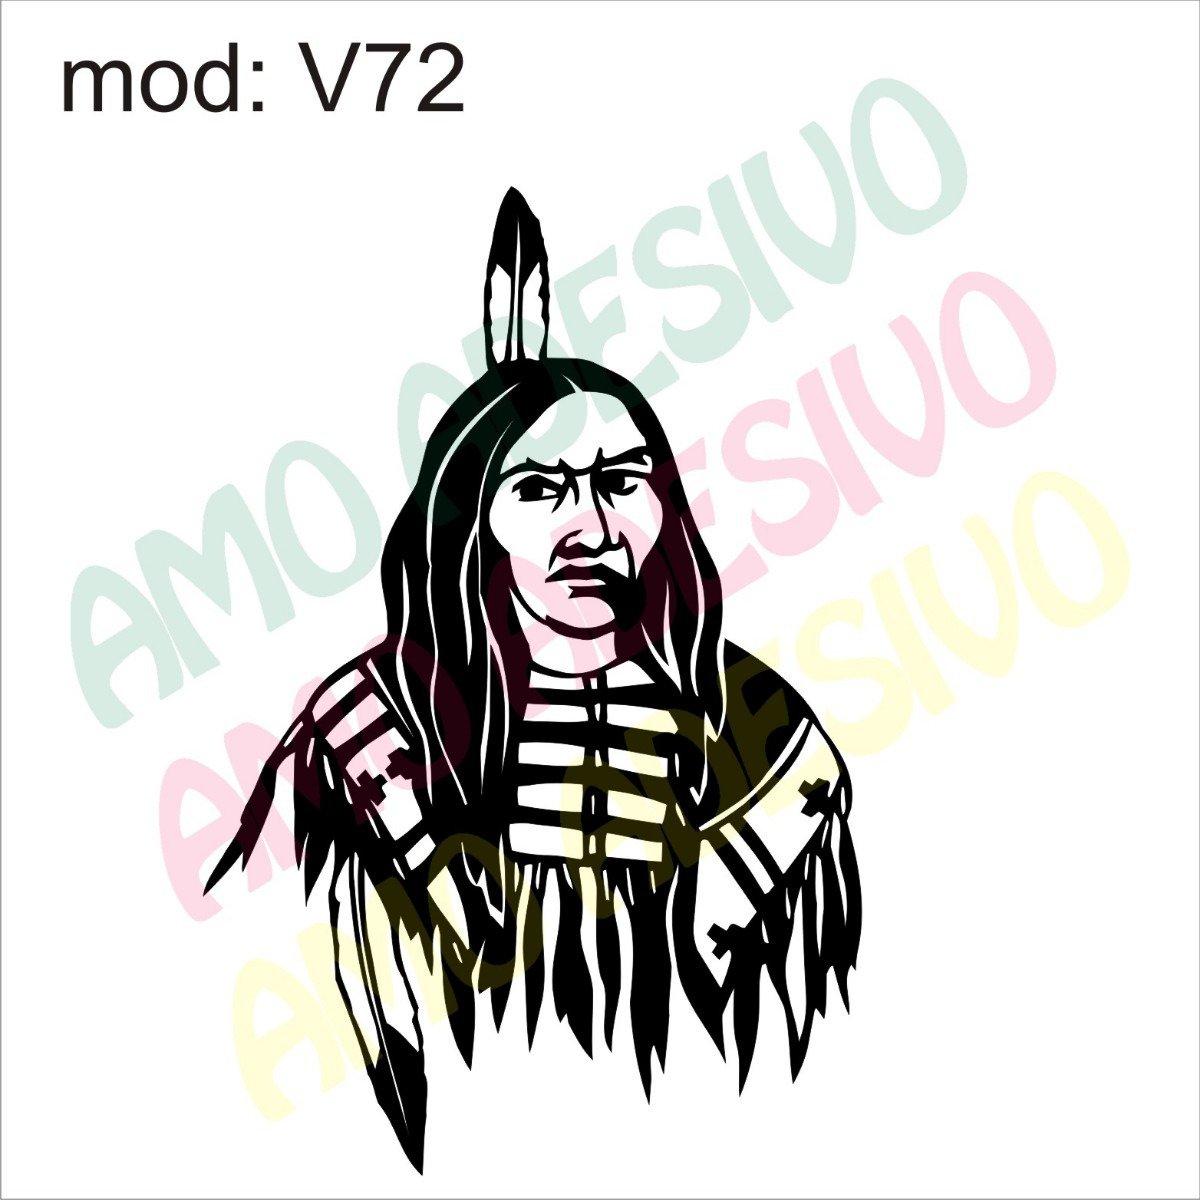 Adesivo V72 Desenho Abstrato Indio Pena Na Cabeça Decorativo